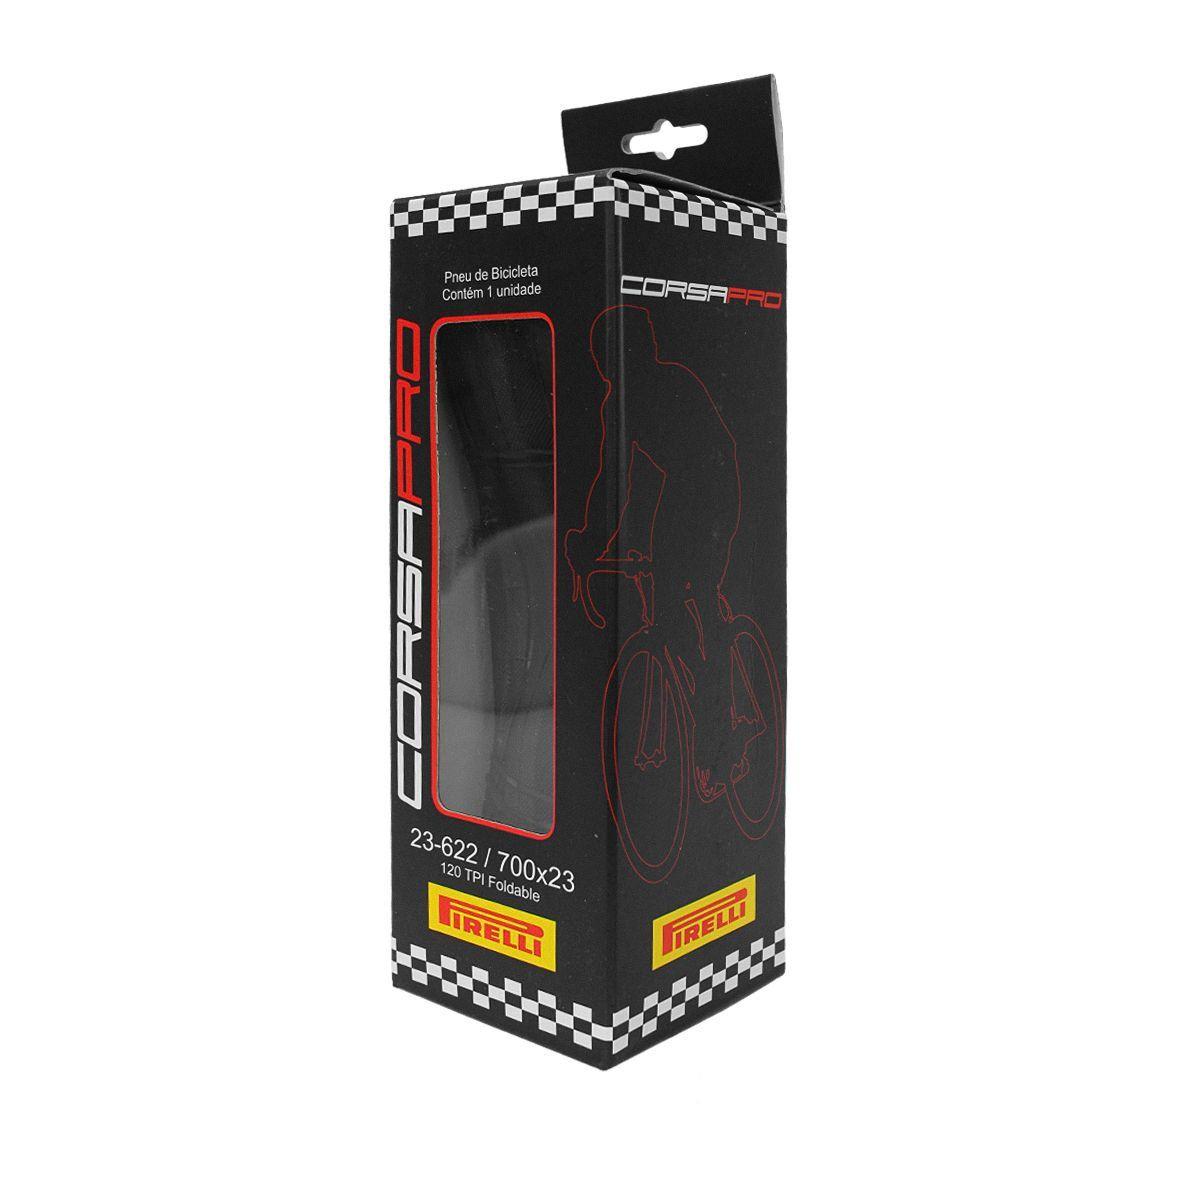 Pneu Speed Pirelli Corsa Pro Kevlar - 700x23 Preto